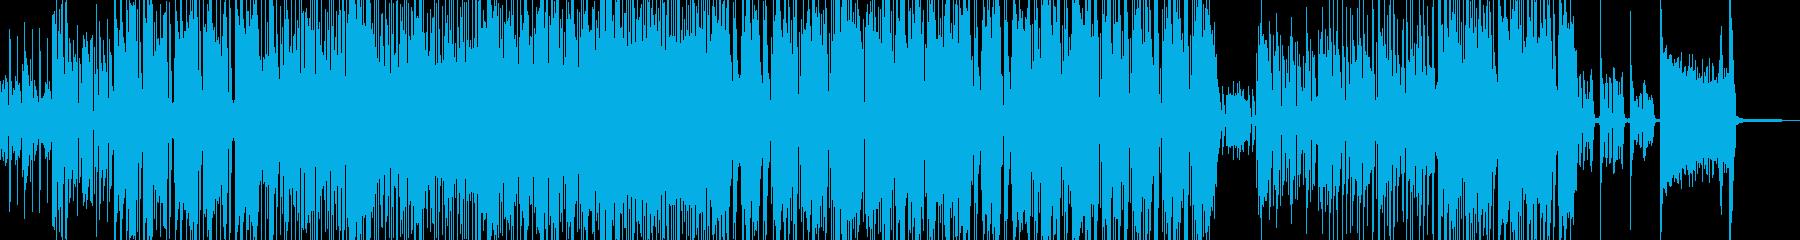 賑やかでハイテンションなスカポップ Bの再生済みの波形